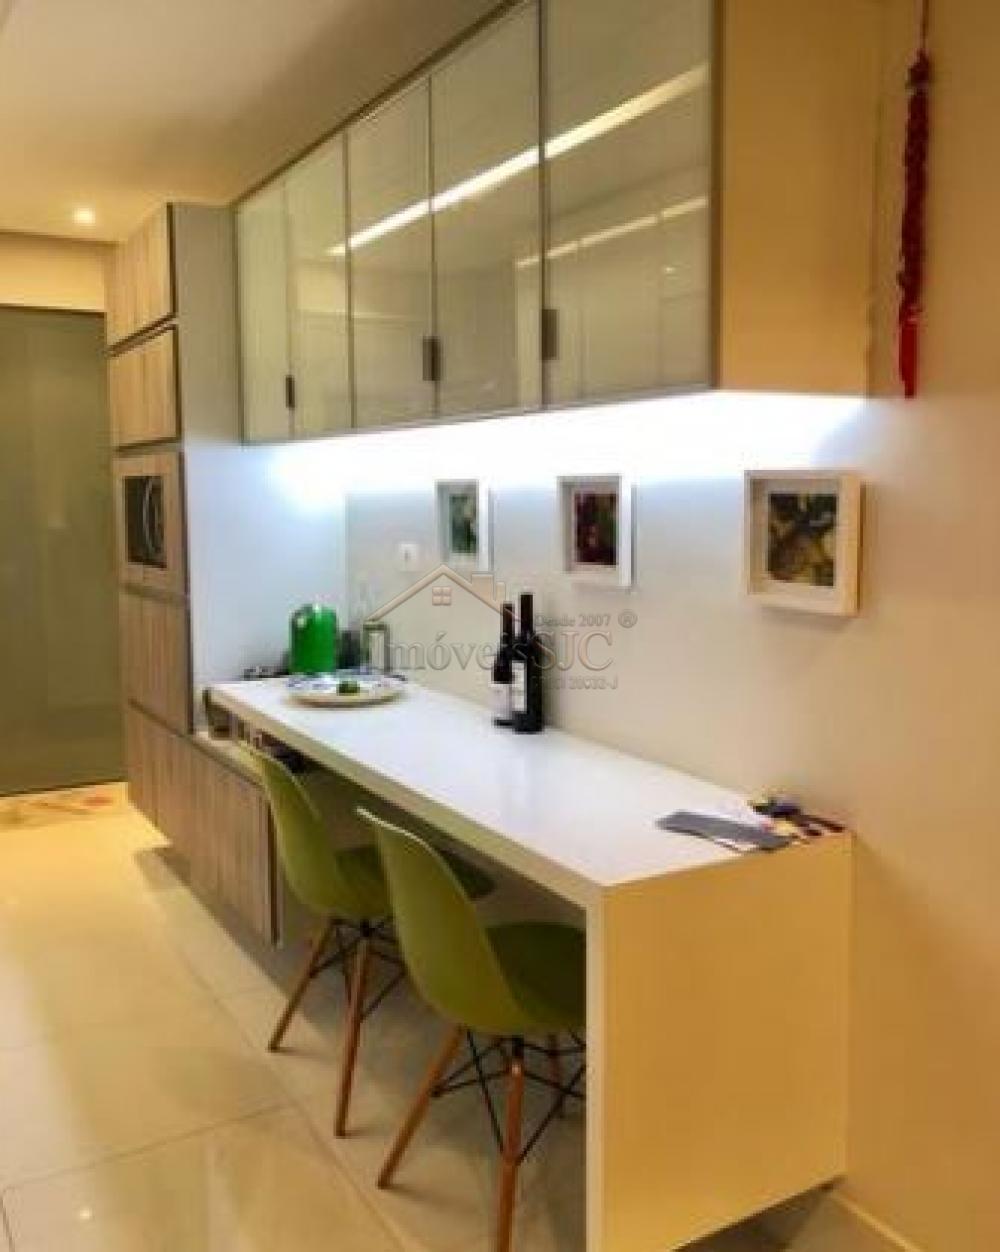 Comprar Apartamentos / Padrão em São José dos Campos apenas R$ 660.000,00 - Foto 5